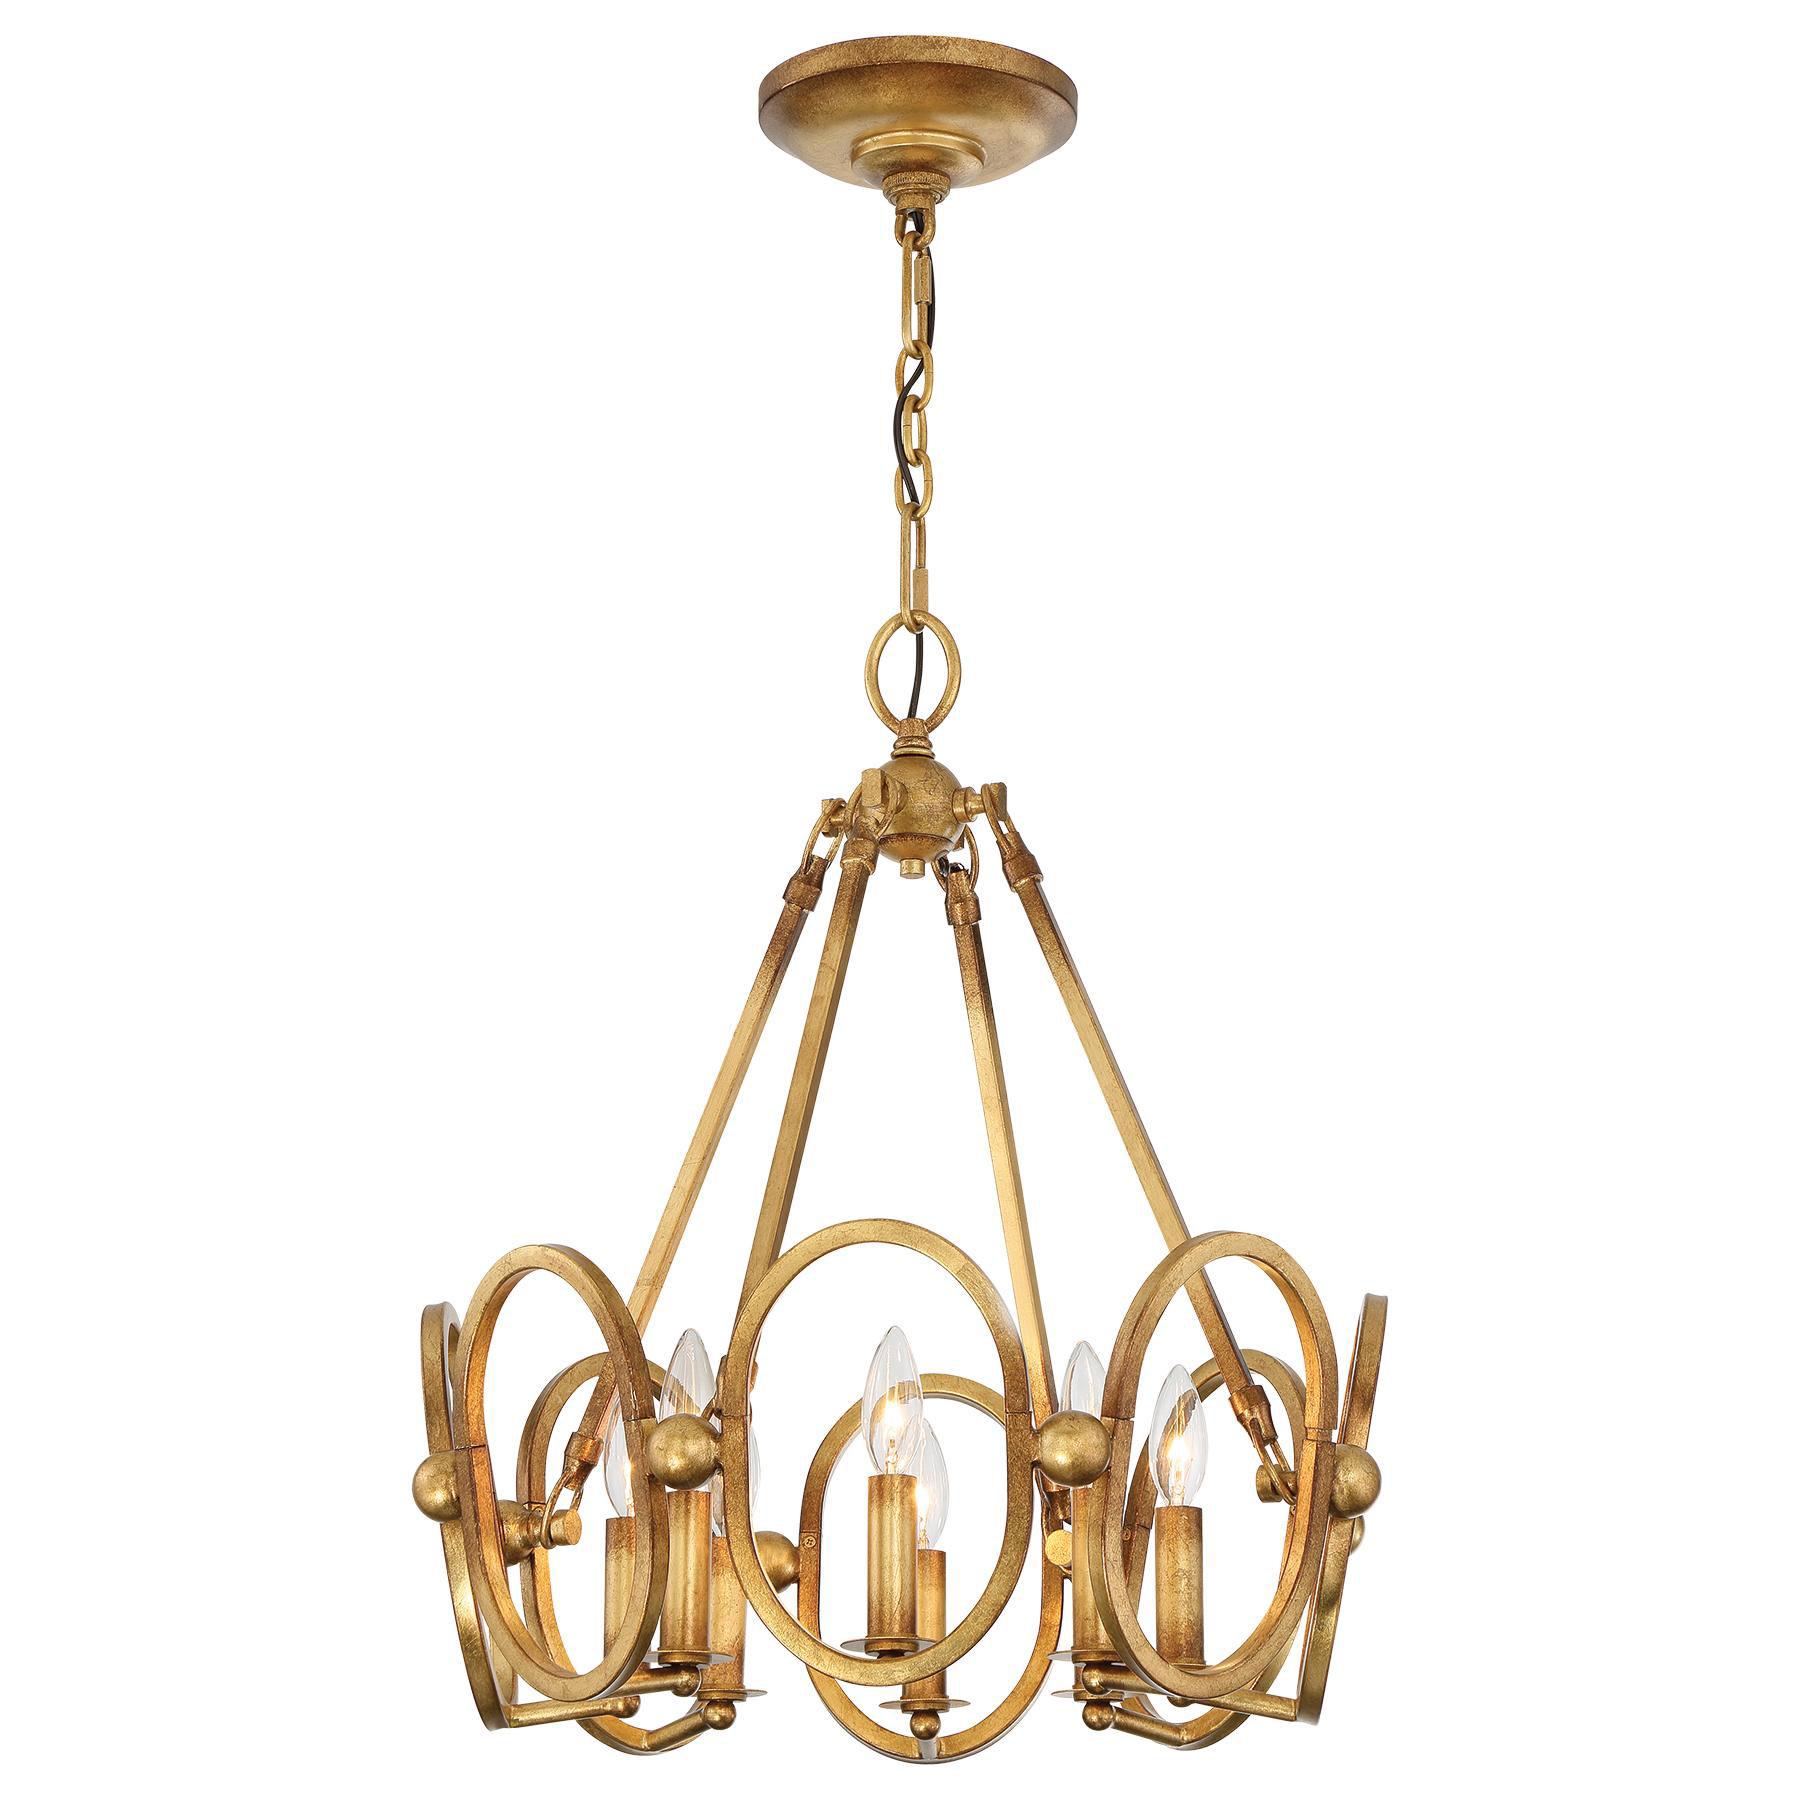 Chandelier by metropolitan lighting n6886 293 clairpointe chandelier by metropolitan lighting n6886 293 arubaitofo Gallery